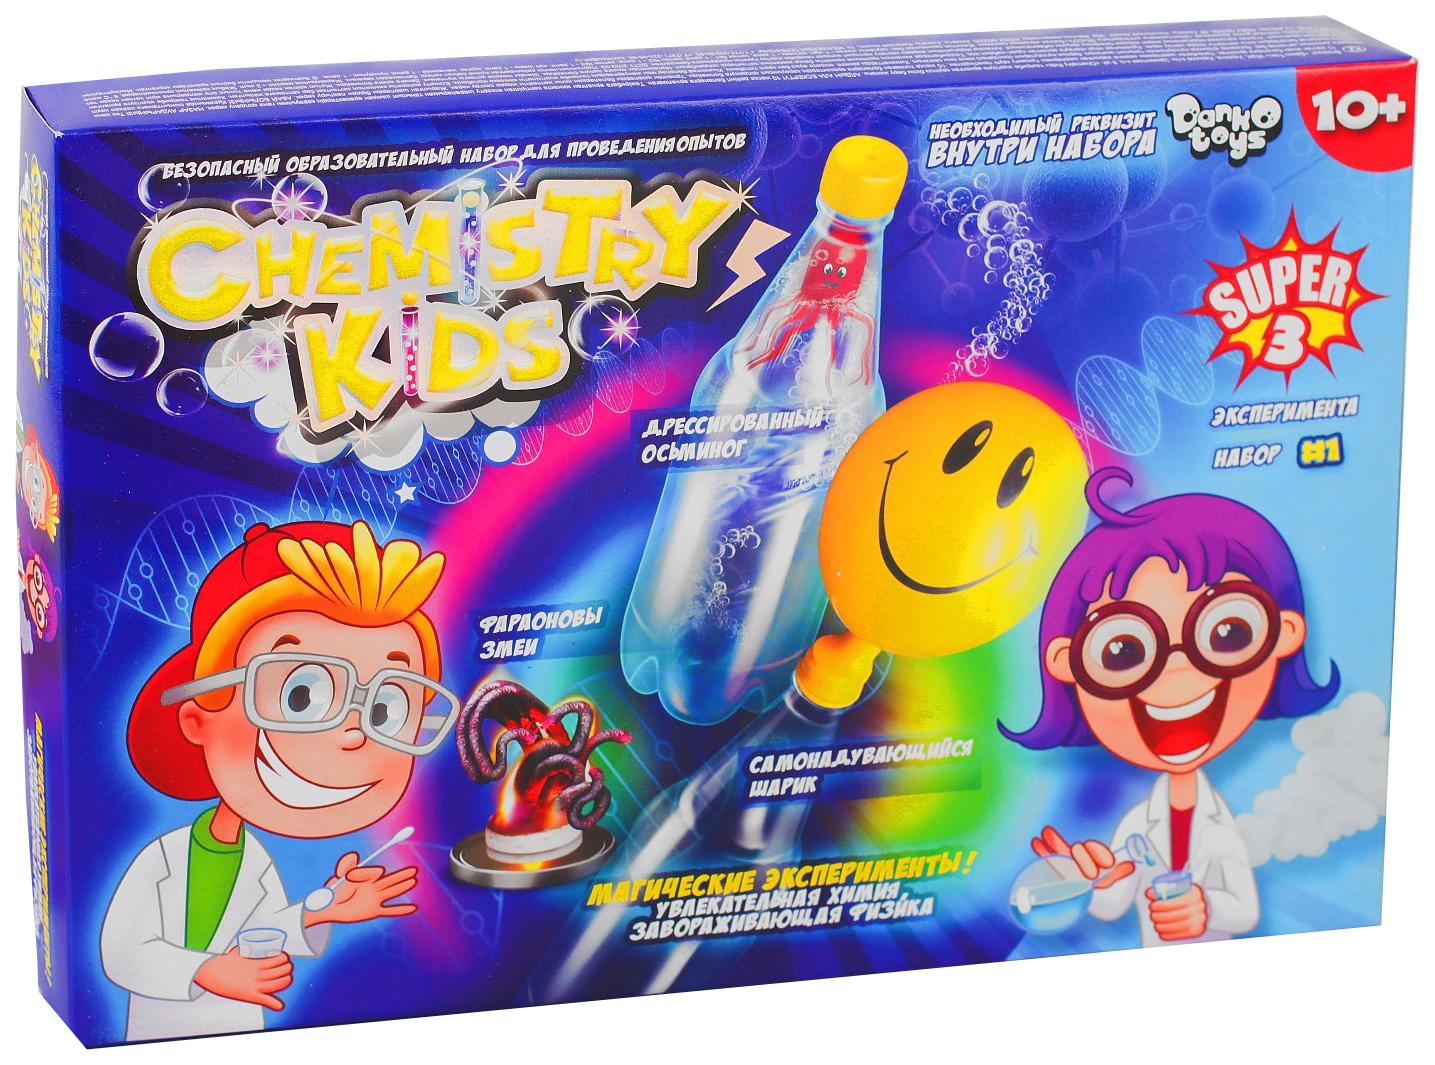 Купить Набор для проведения опытов Магические эксперименты Chemistry Kids CHK-02-01Danko Toys, Наборы для опытов